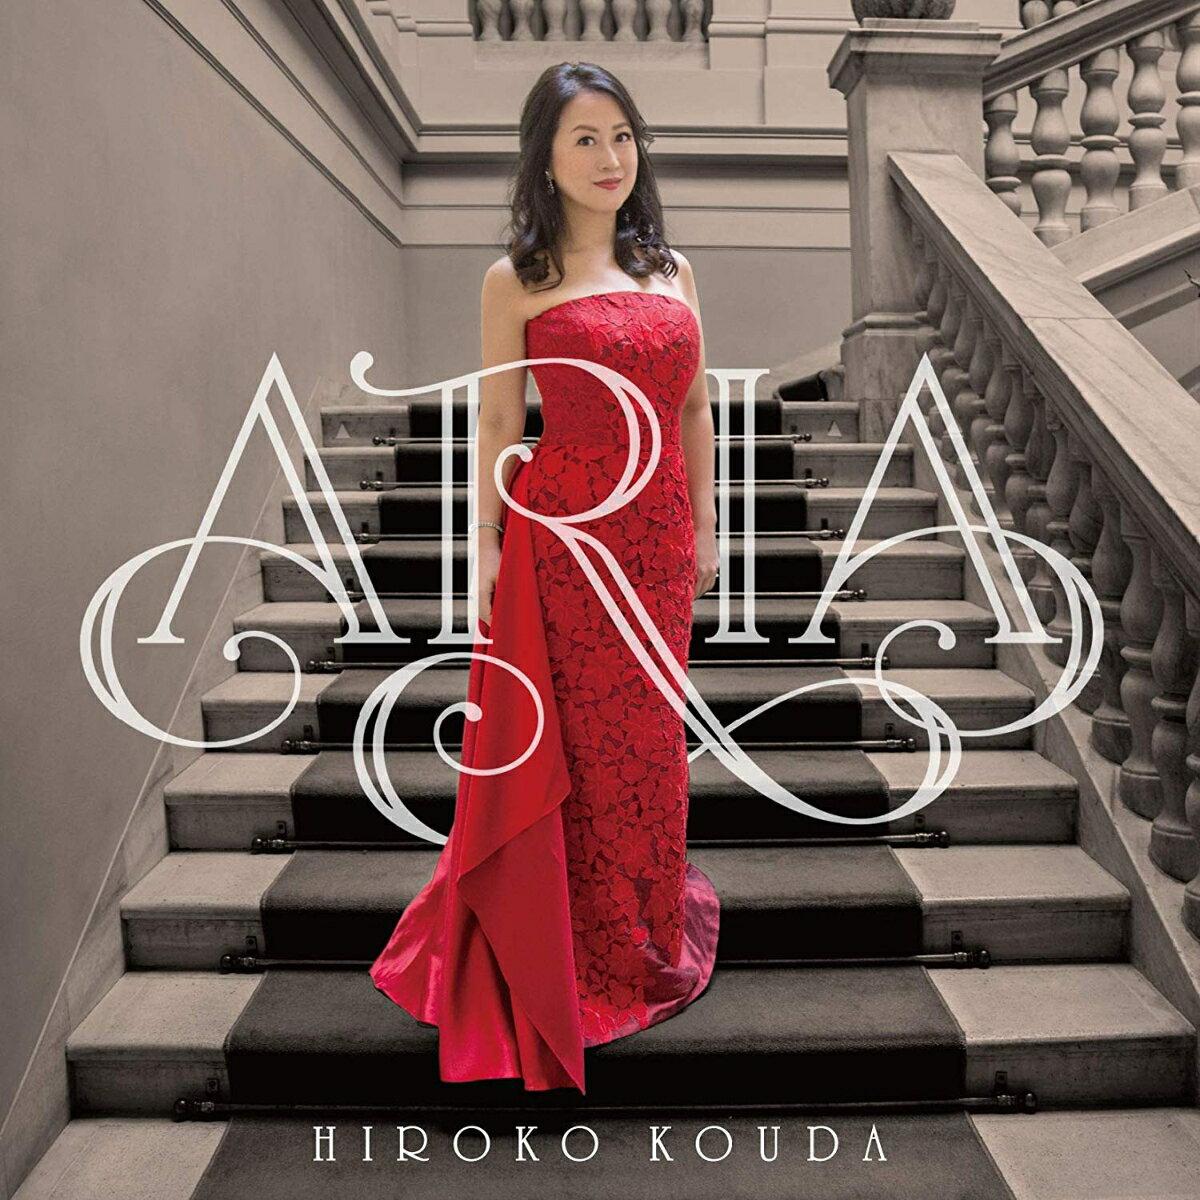 ARIA 花から花へ〜オペラ・アリア名曲集画像